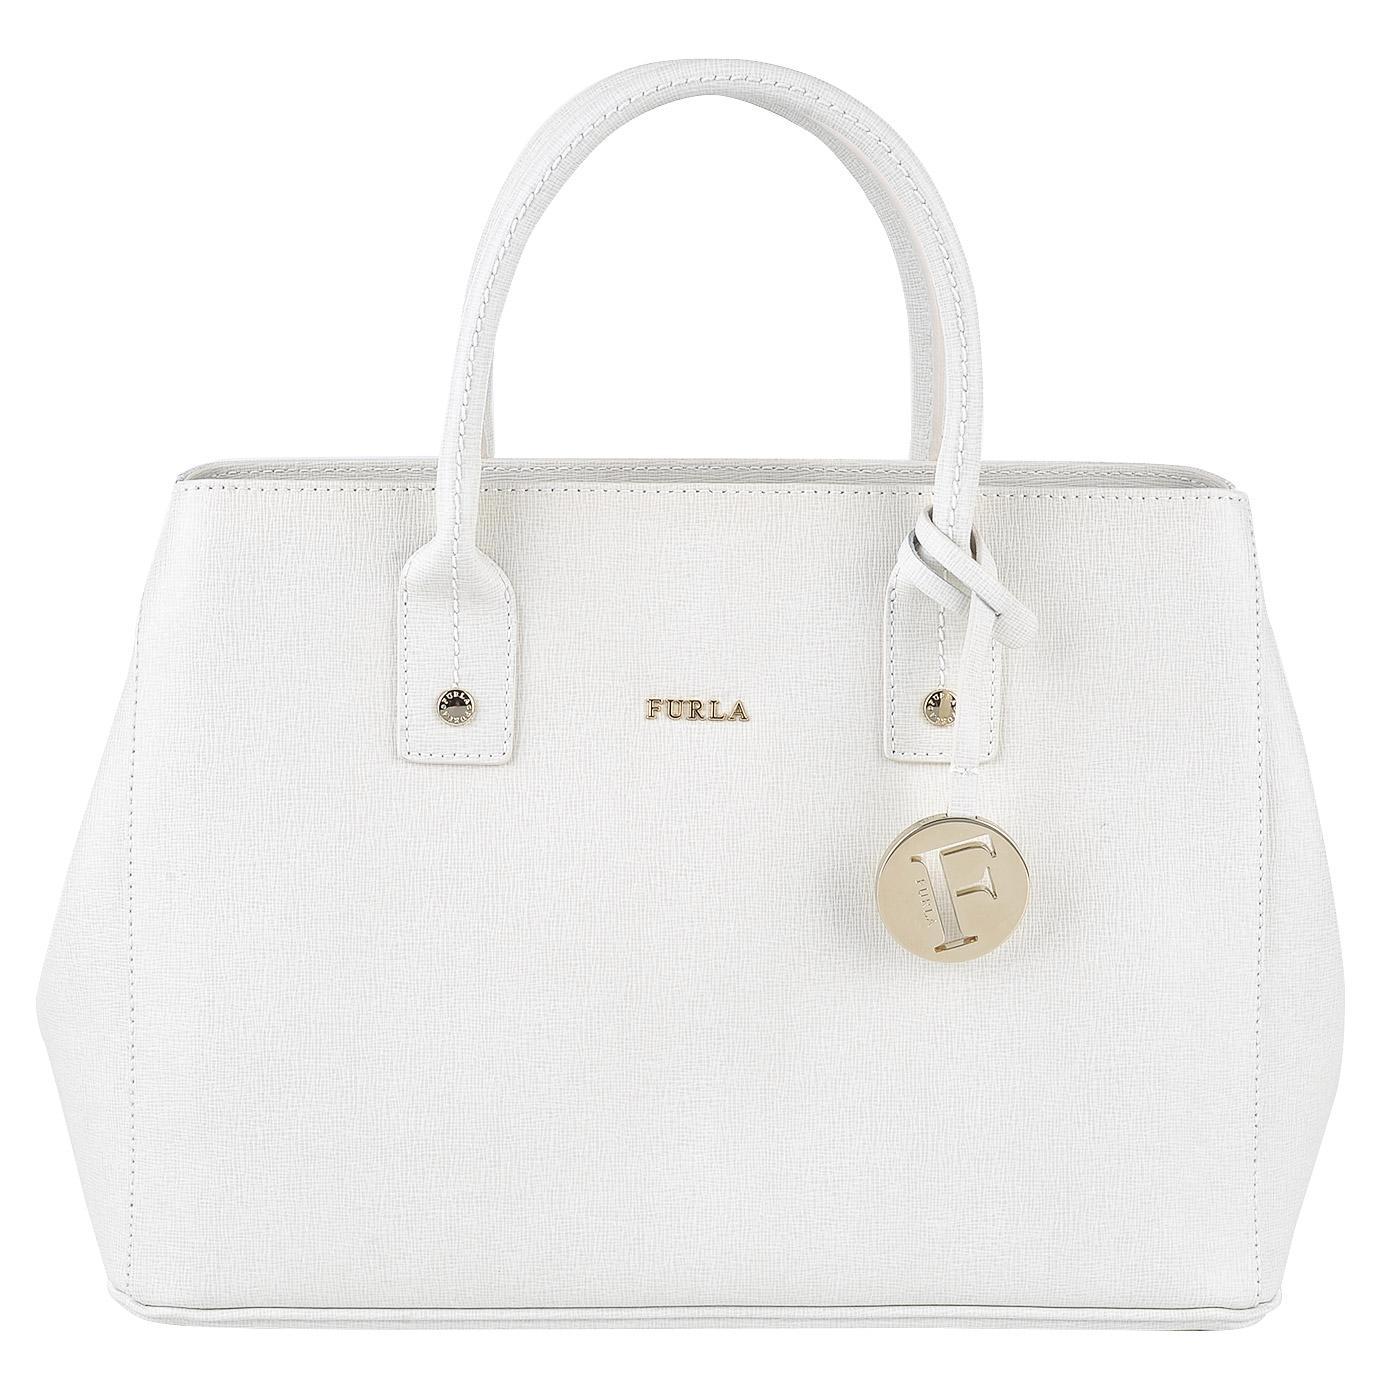 741ca5410ff6 Женская кожаная сумка Furla Linda BDR5_petalo - 2000557707870 белый ...